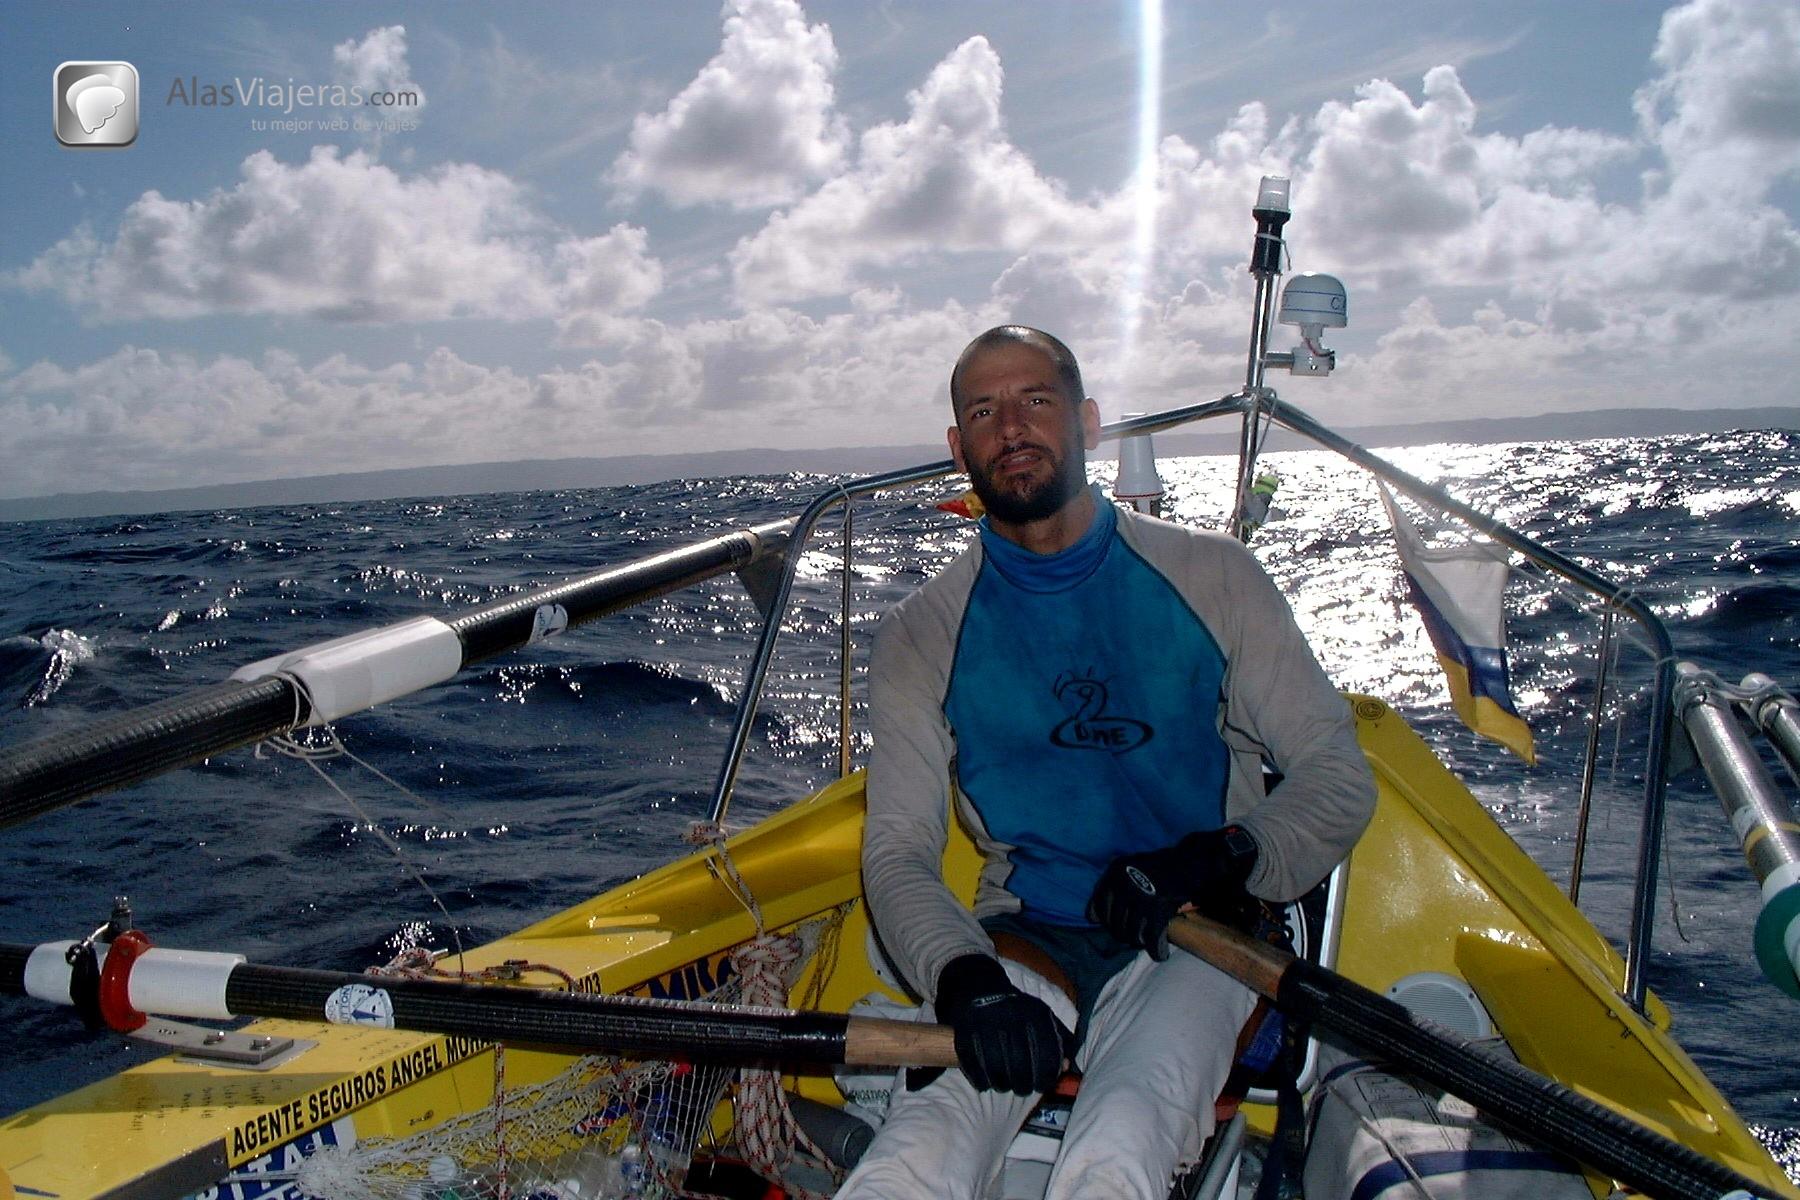 Pedro Ripol cruzó en remo el Océano Atlántico durante dos meses en una pequeña barca de 7 metros de eslora